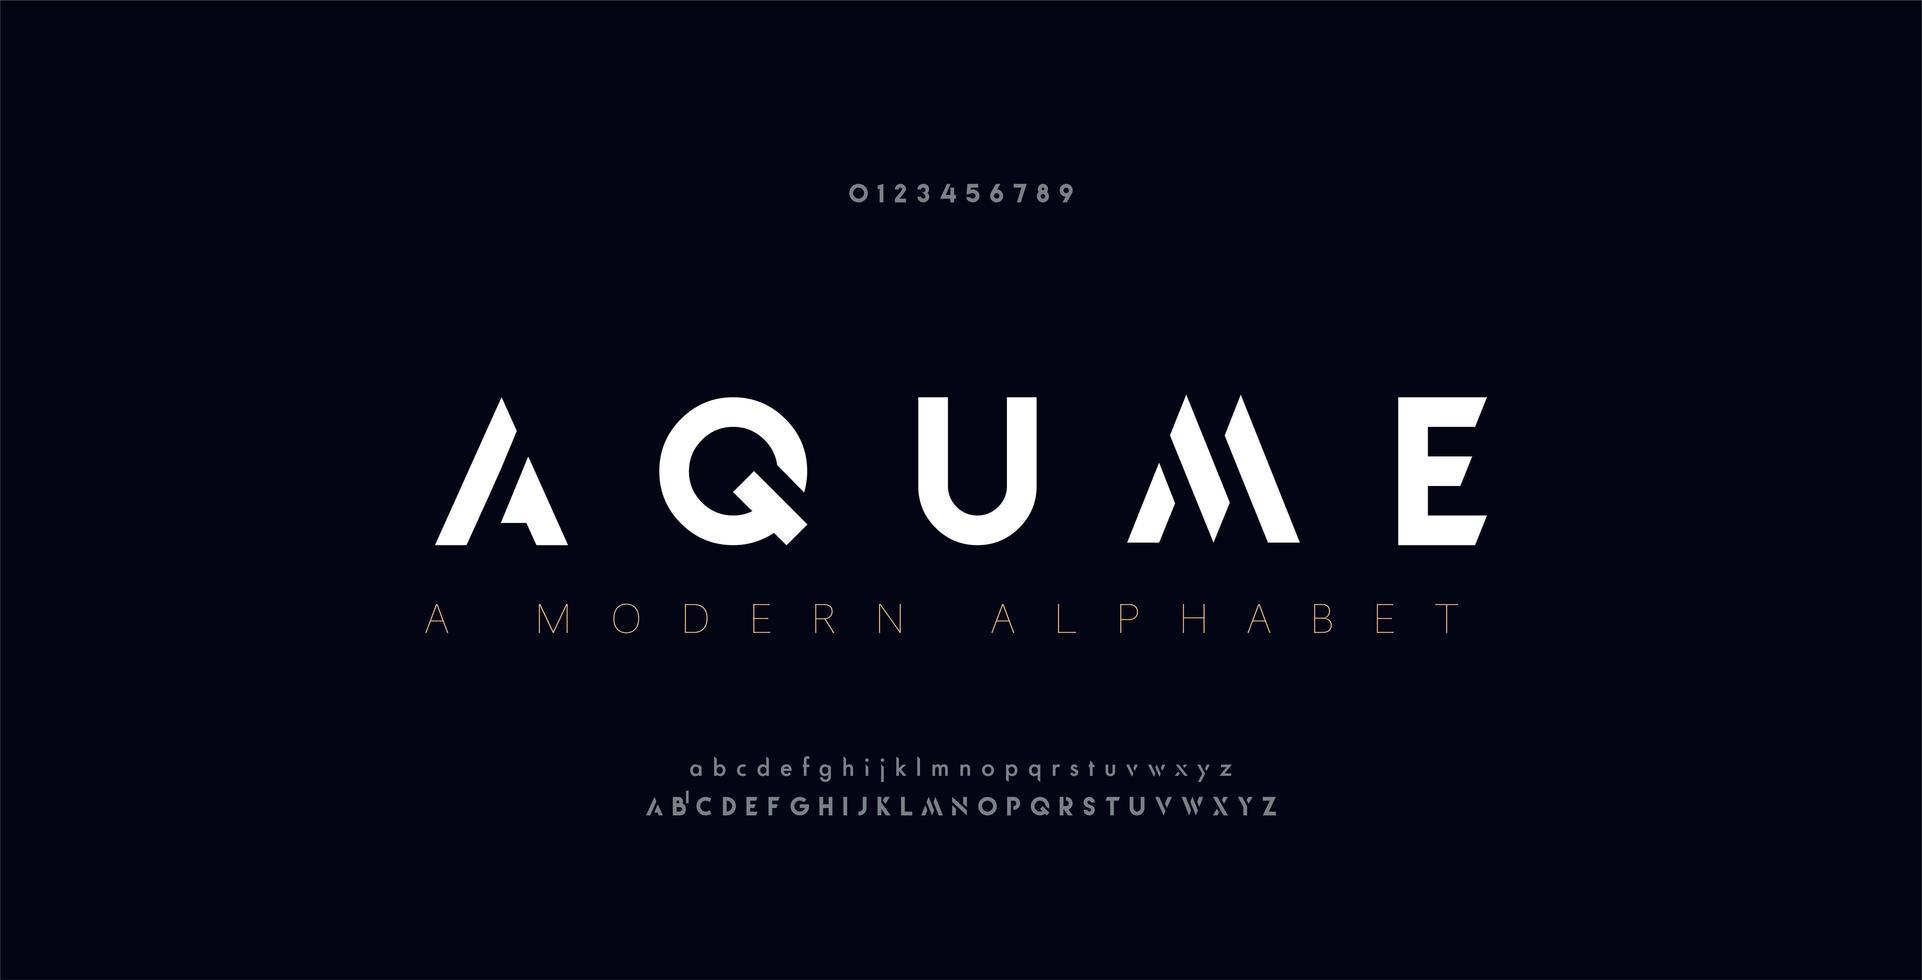 abstrakta digitala moderna alfabetsteckensnitt vektor